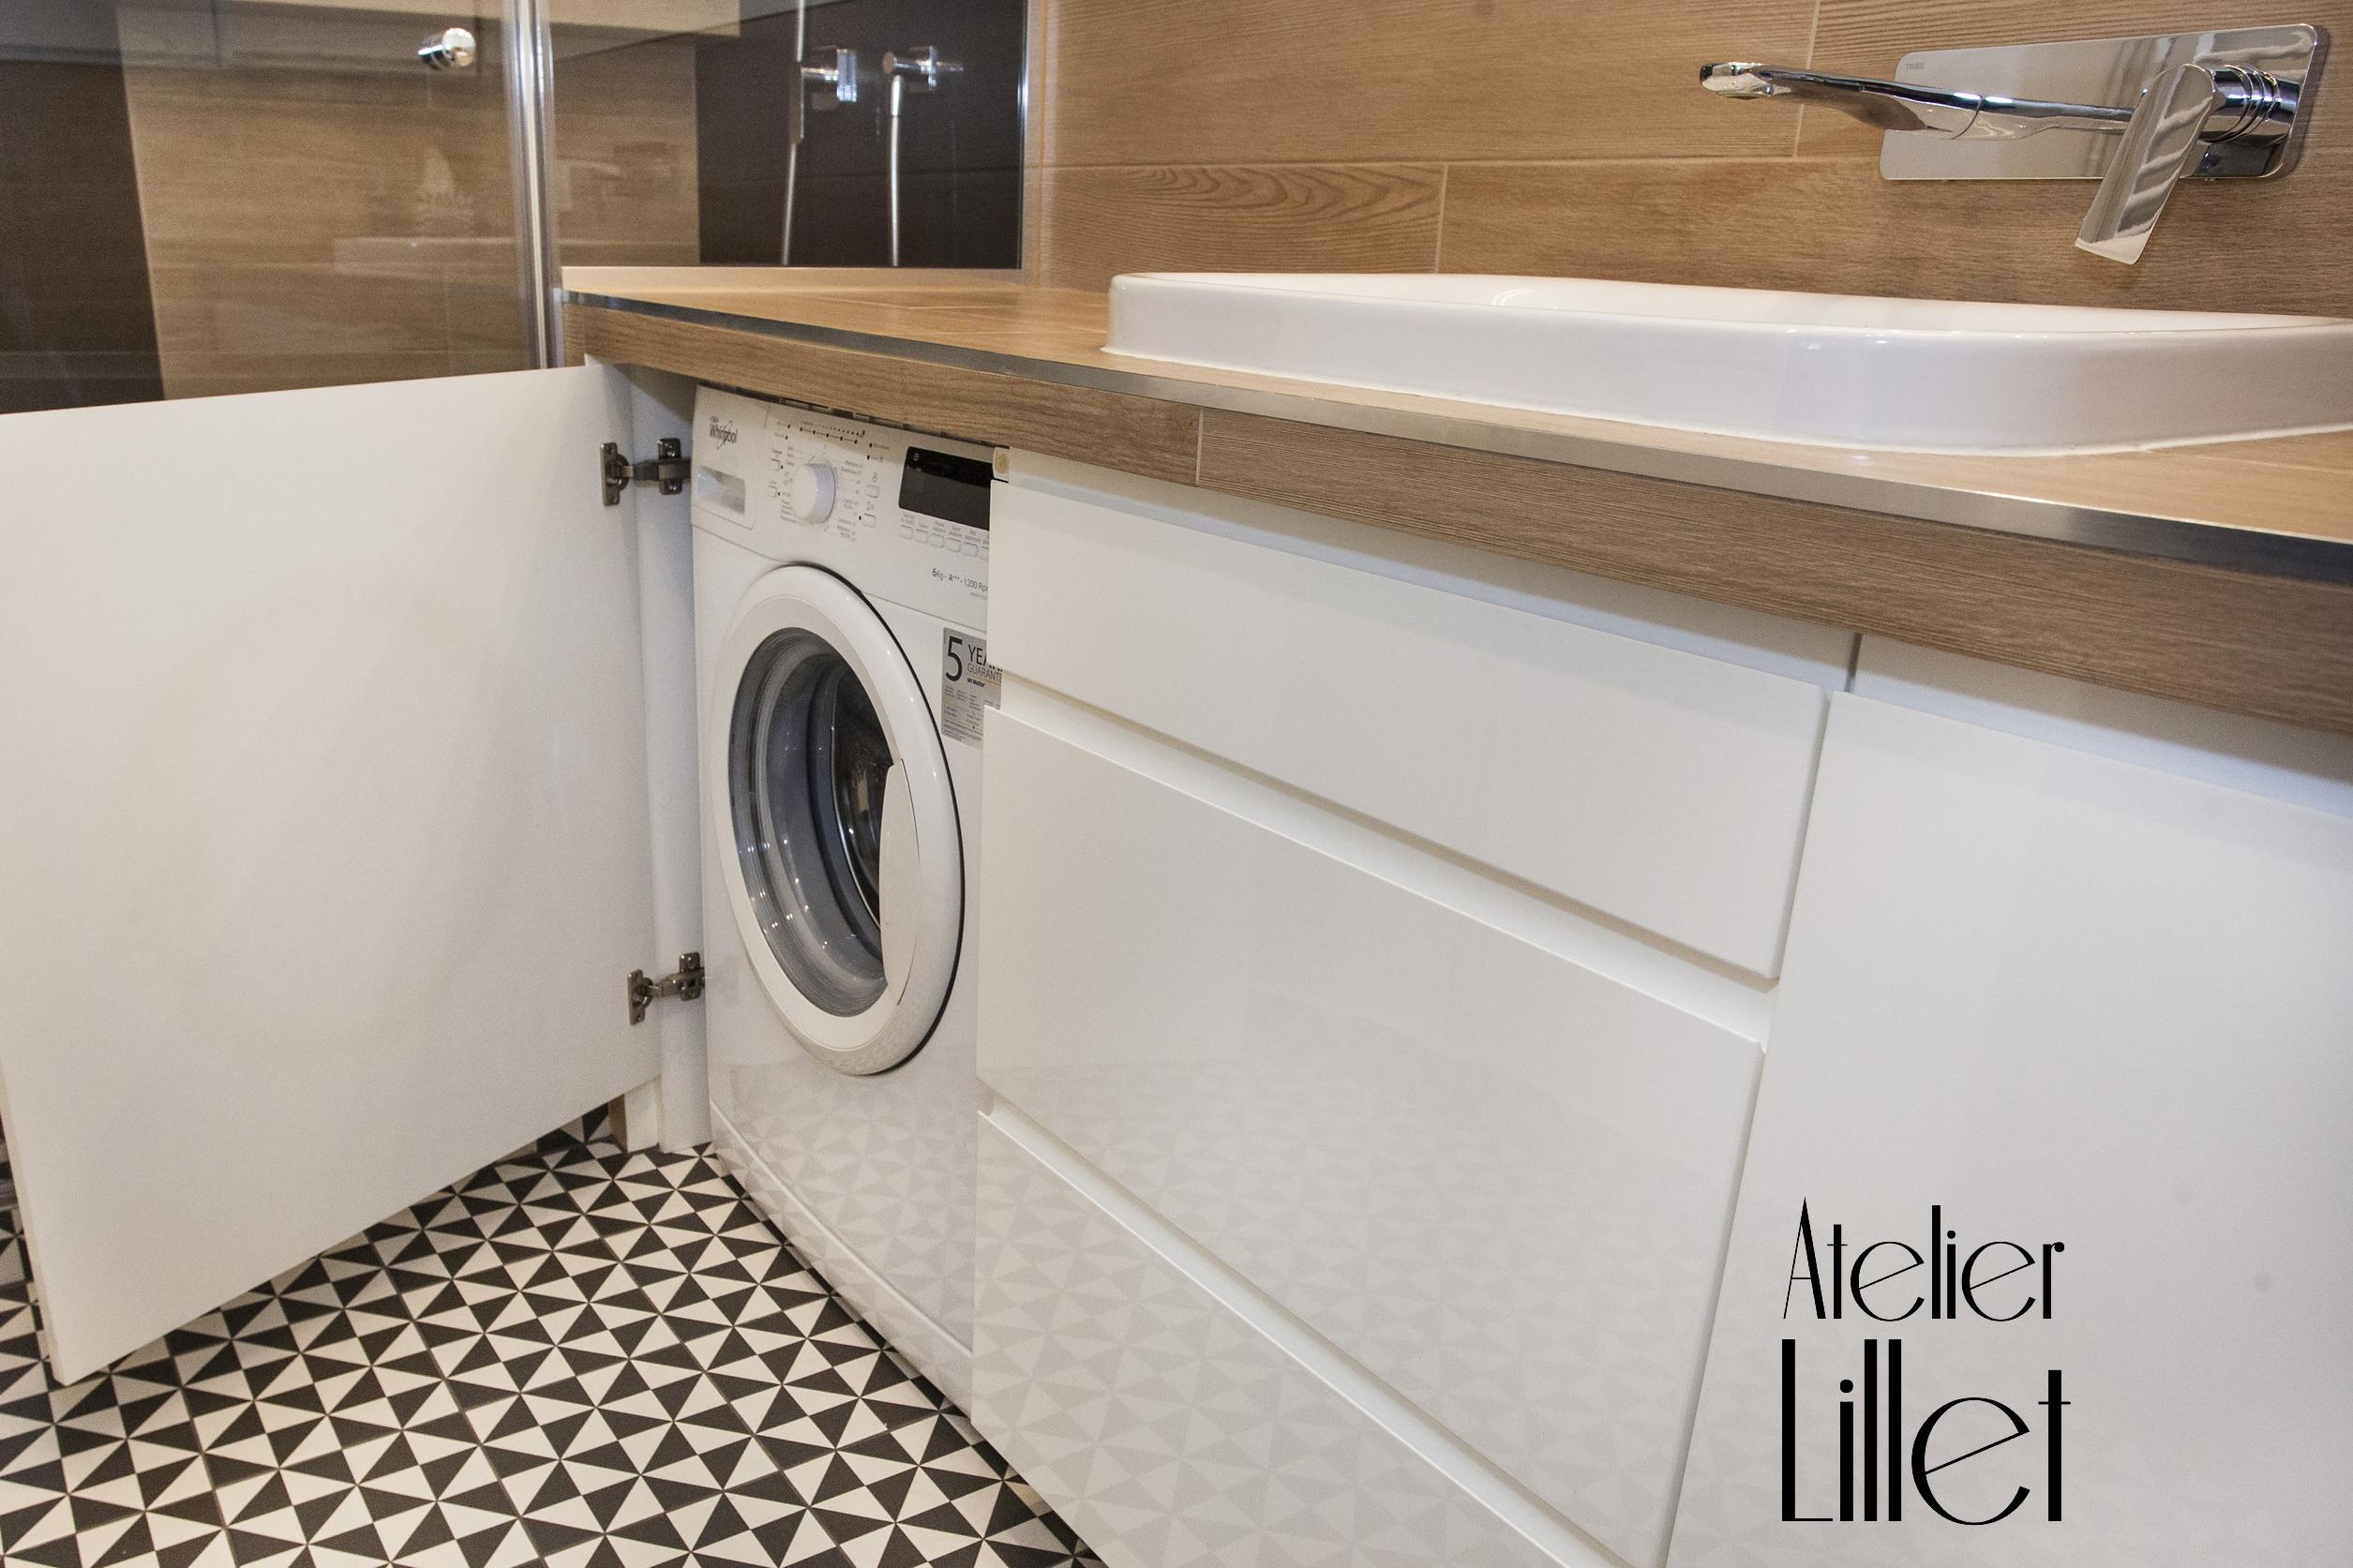 łazienka Z Płytkami W Czarno Biały Wzór Atelier Lillet